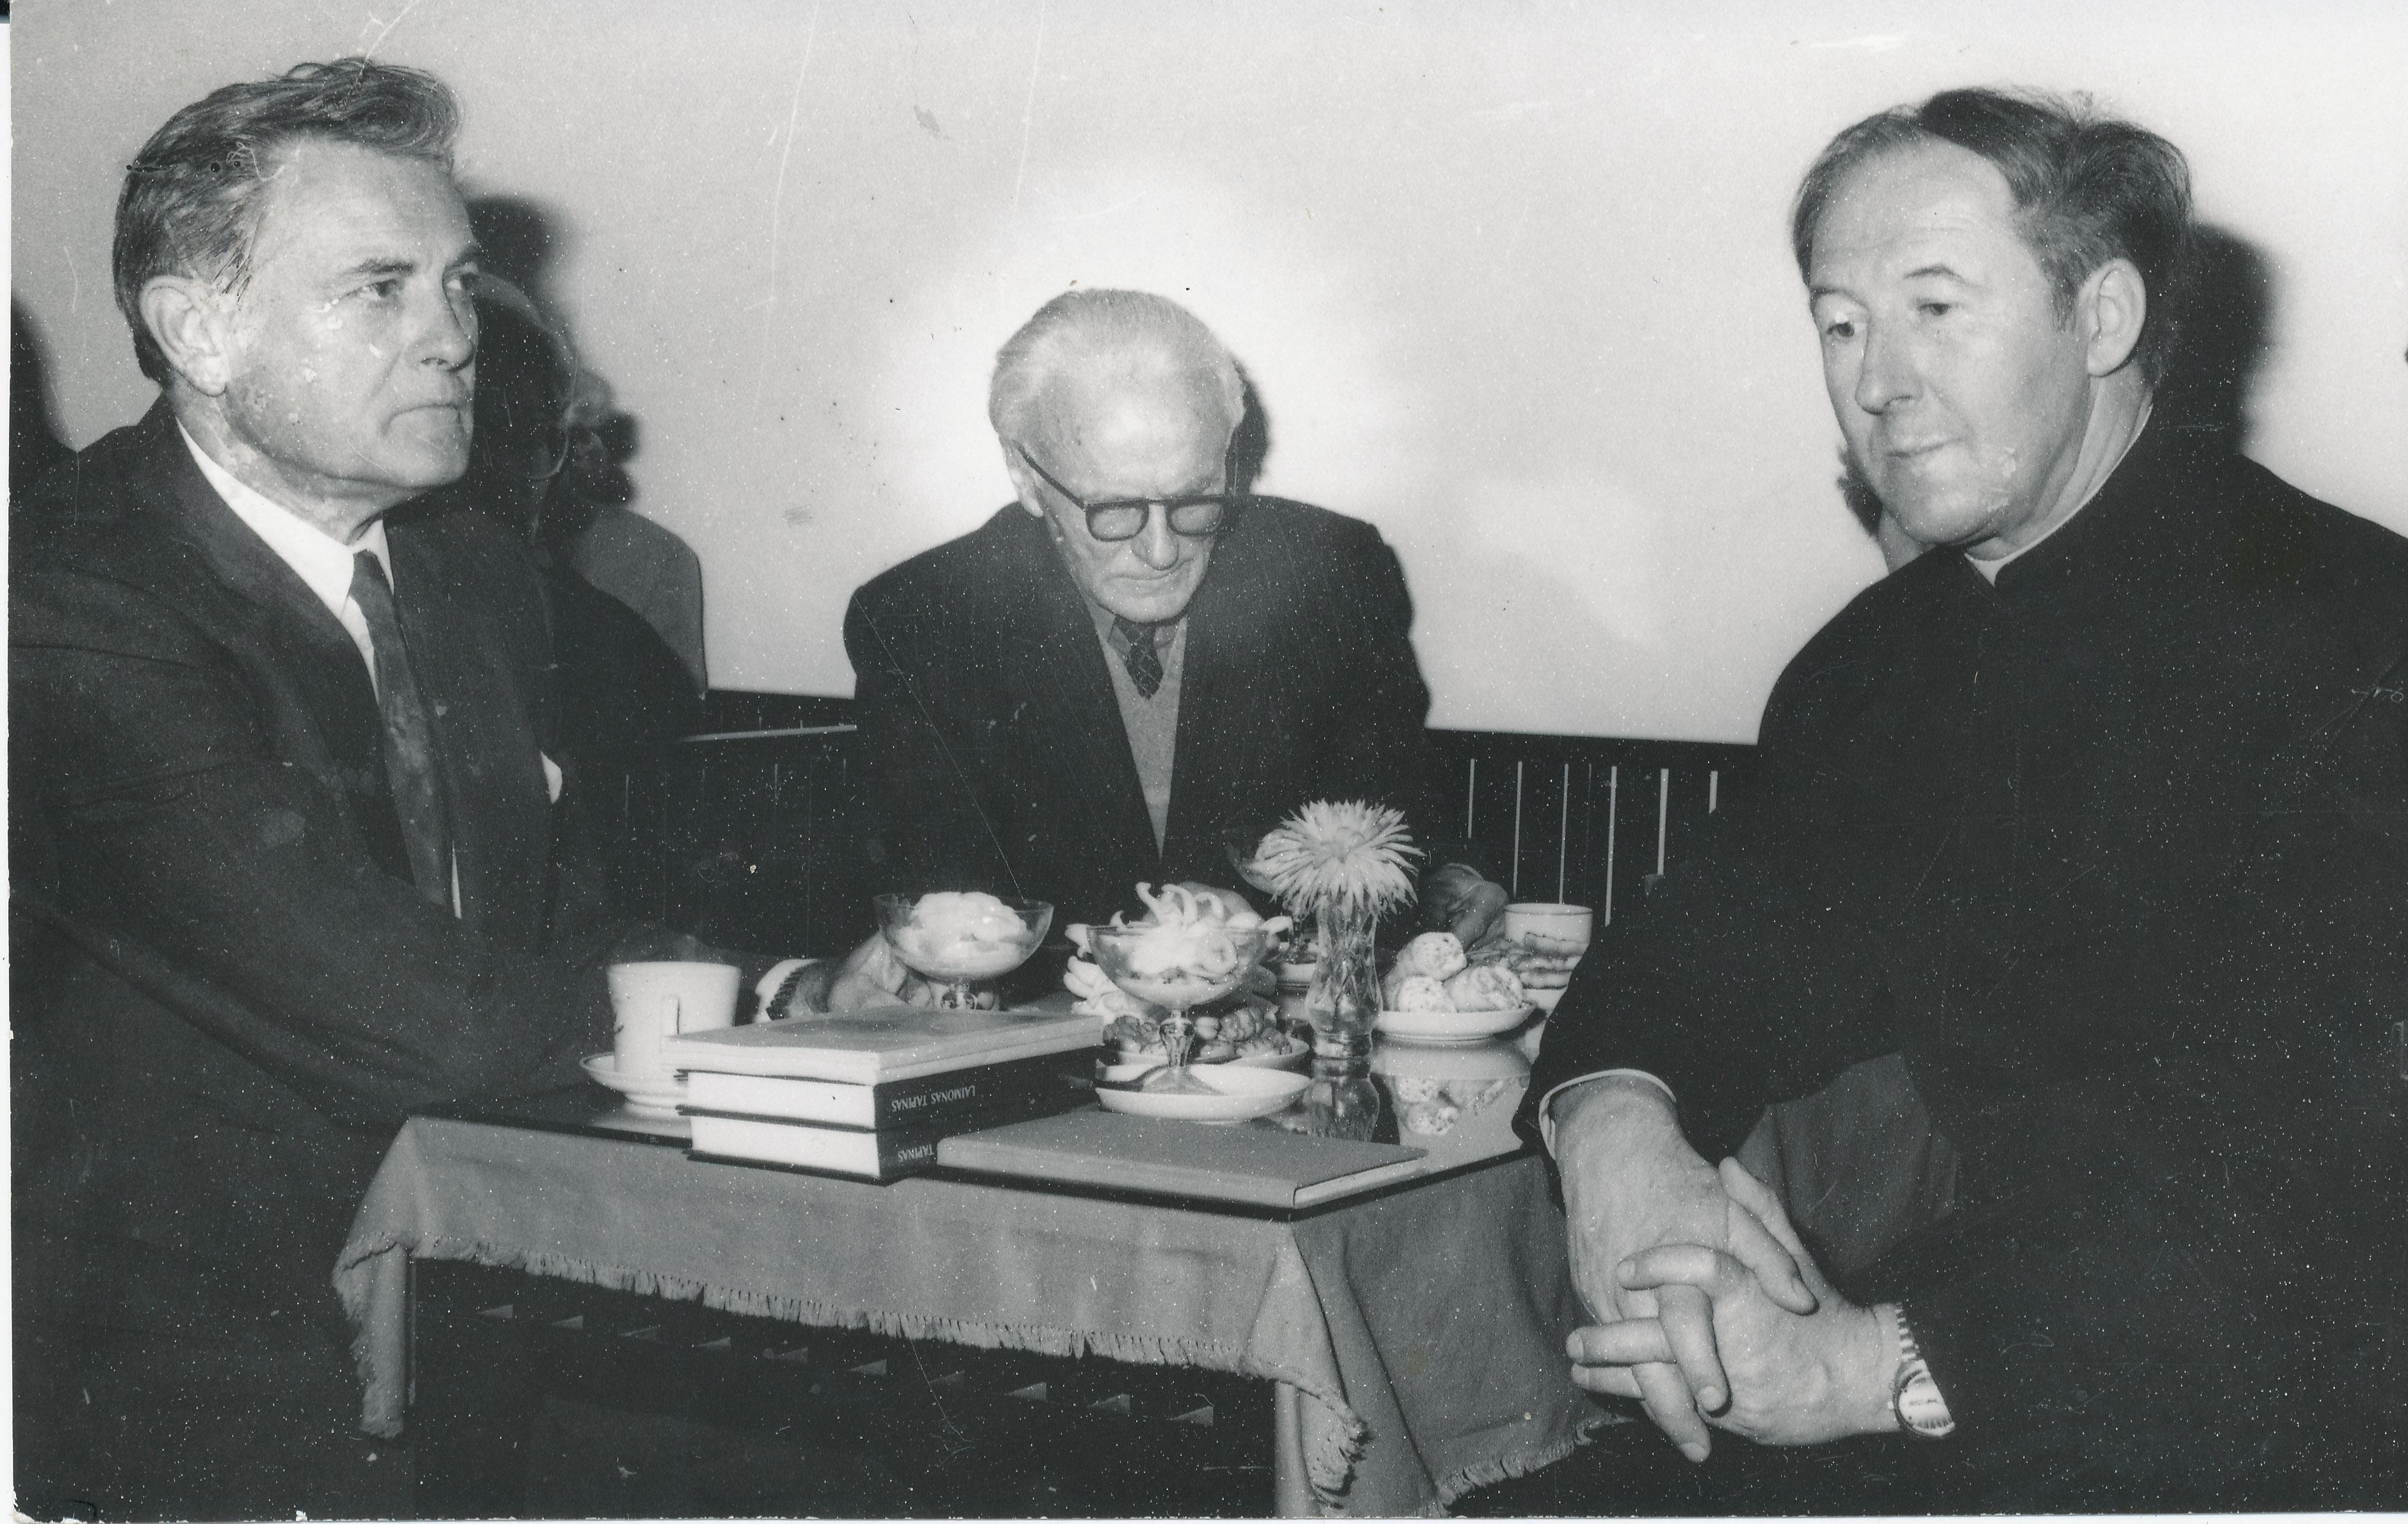 Iš k.: Valdas Adamkus, Liudas Dambrauskas ir Ričardas Mikutavičius apie 1990– 1993 metus.